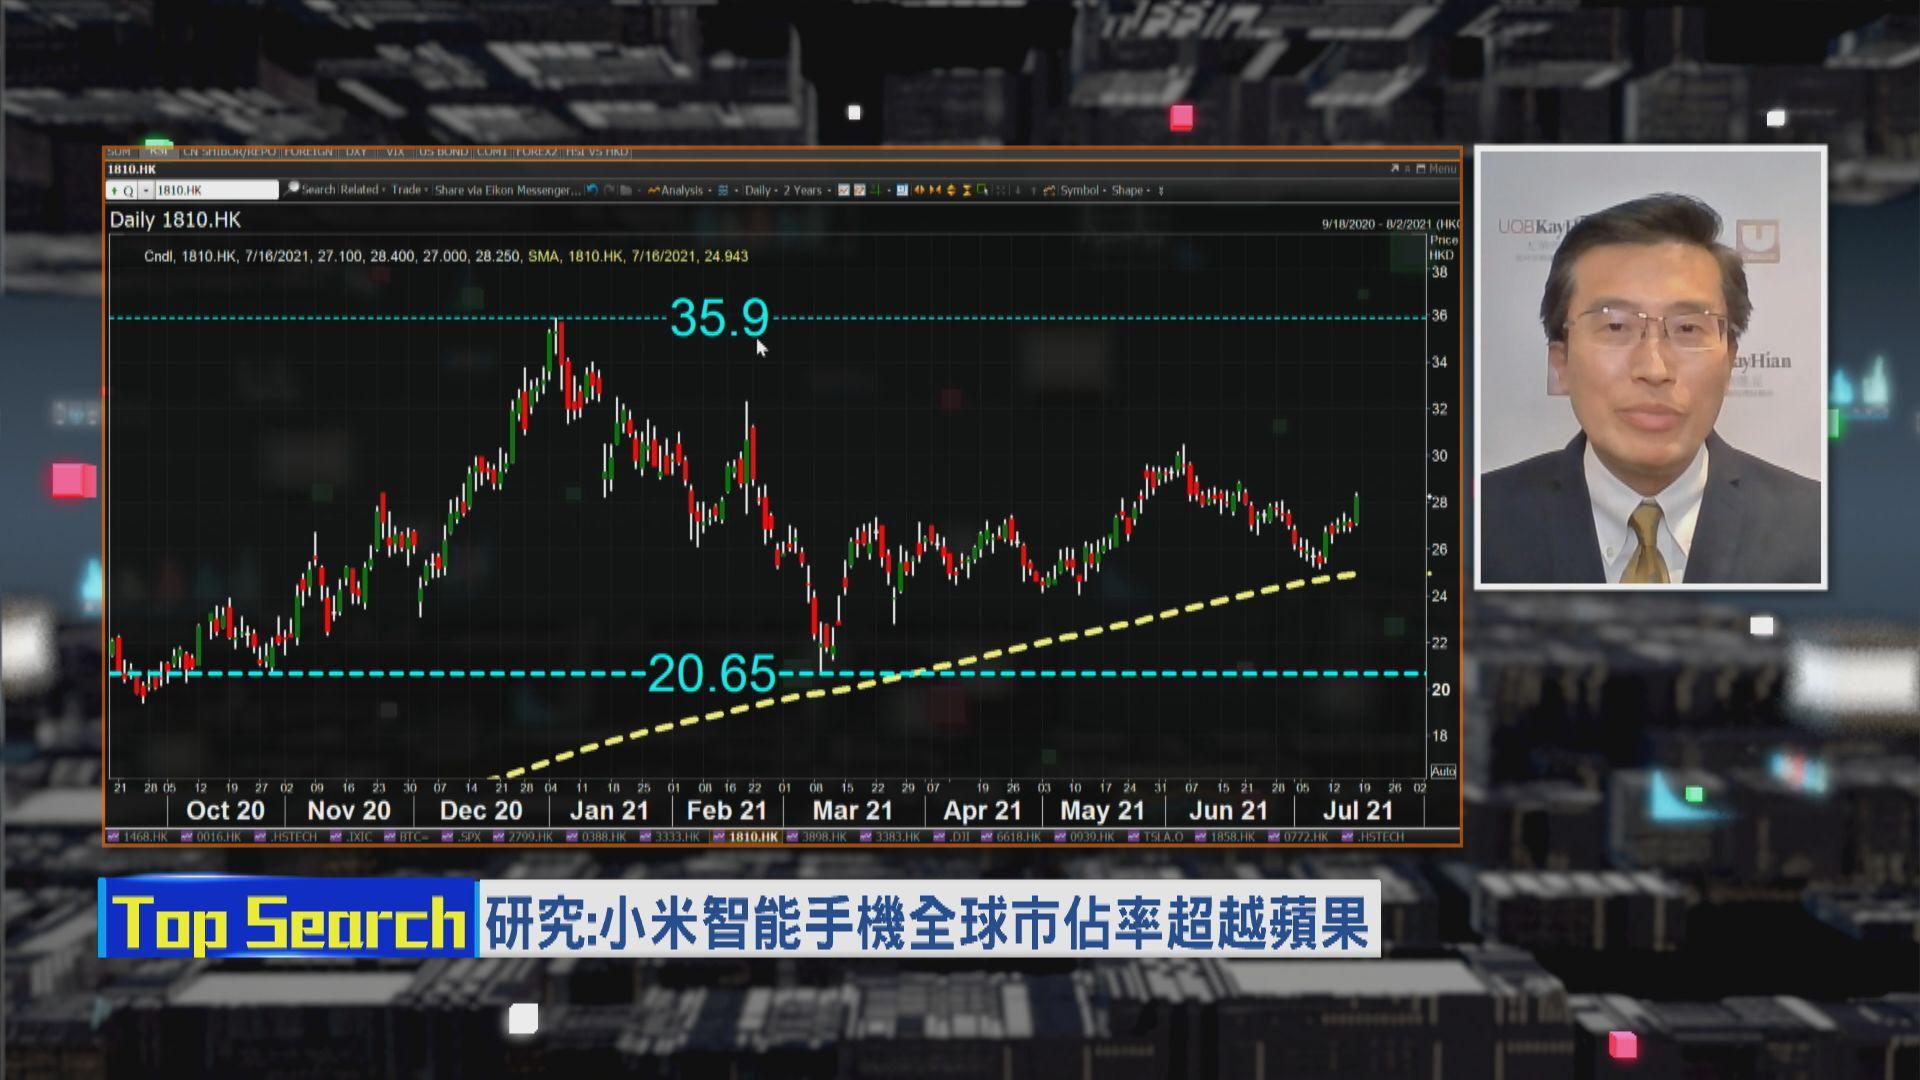 【財經TOP SEARCH】小米「全球No.2」坐唔穩?